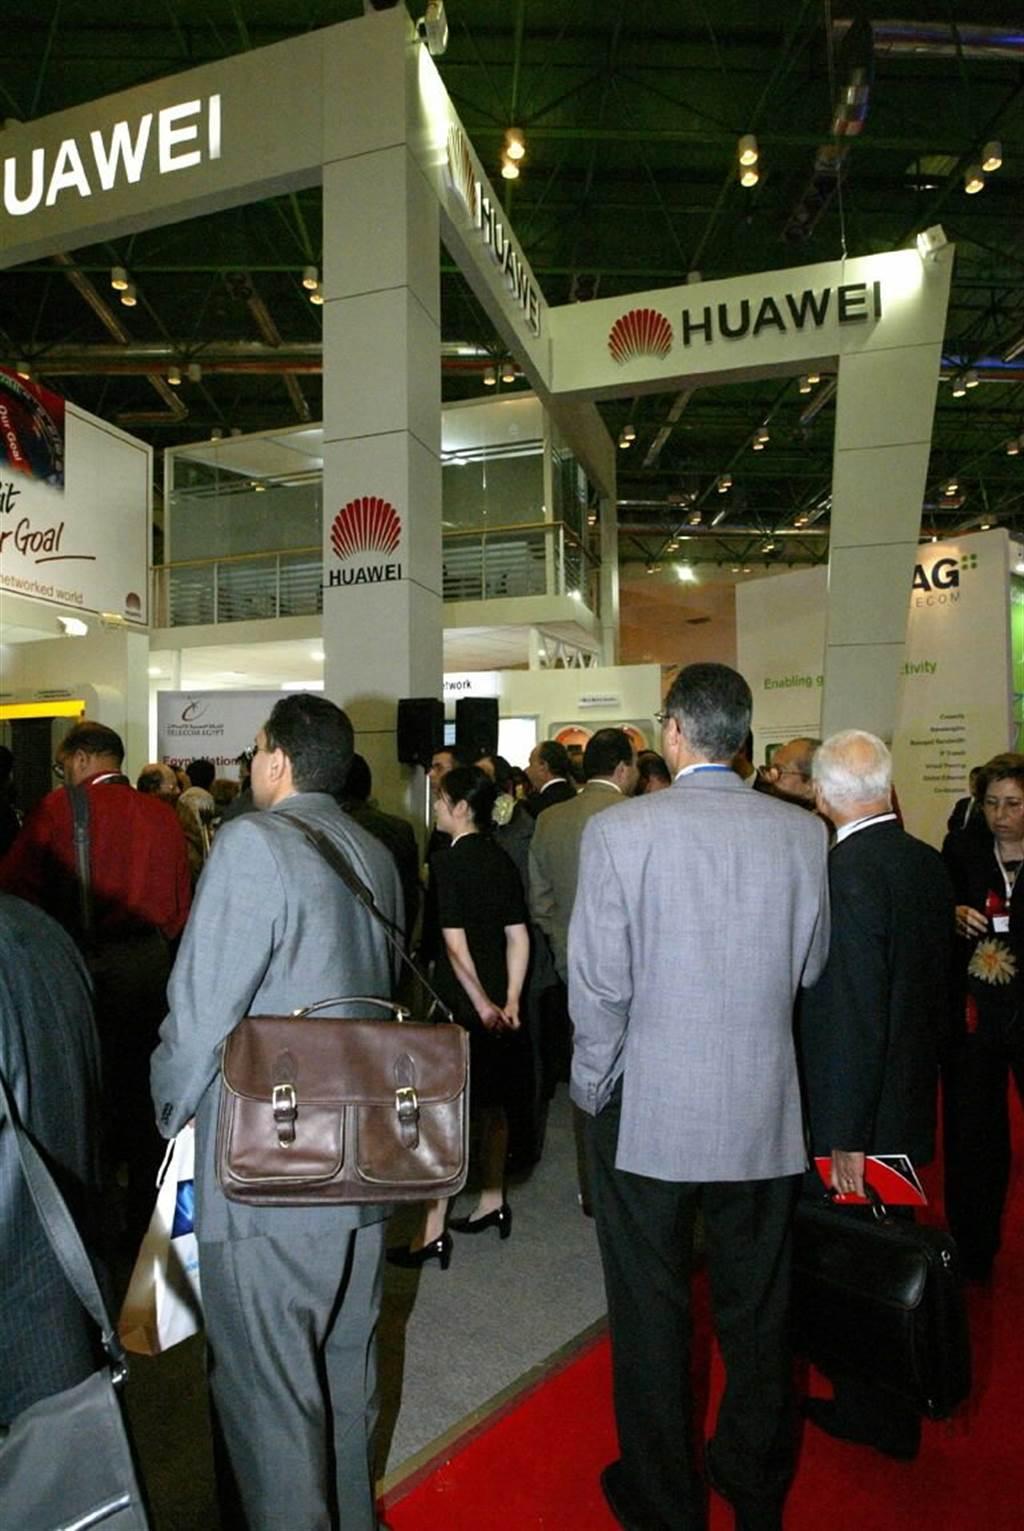 2004年,在埃及首都開羅舉行的國際電信聯盟「2004非洲電信展覽」上,來賓在觀看華為技術有限公司展位。(新華社)